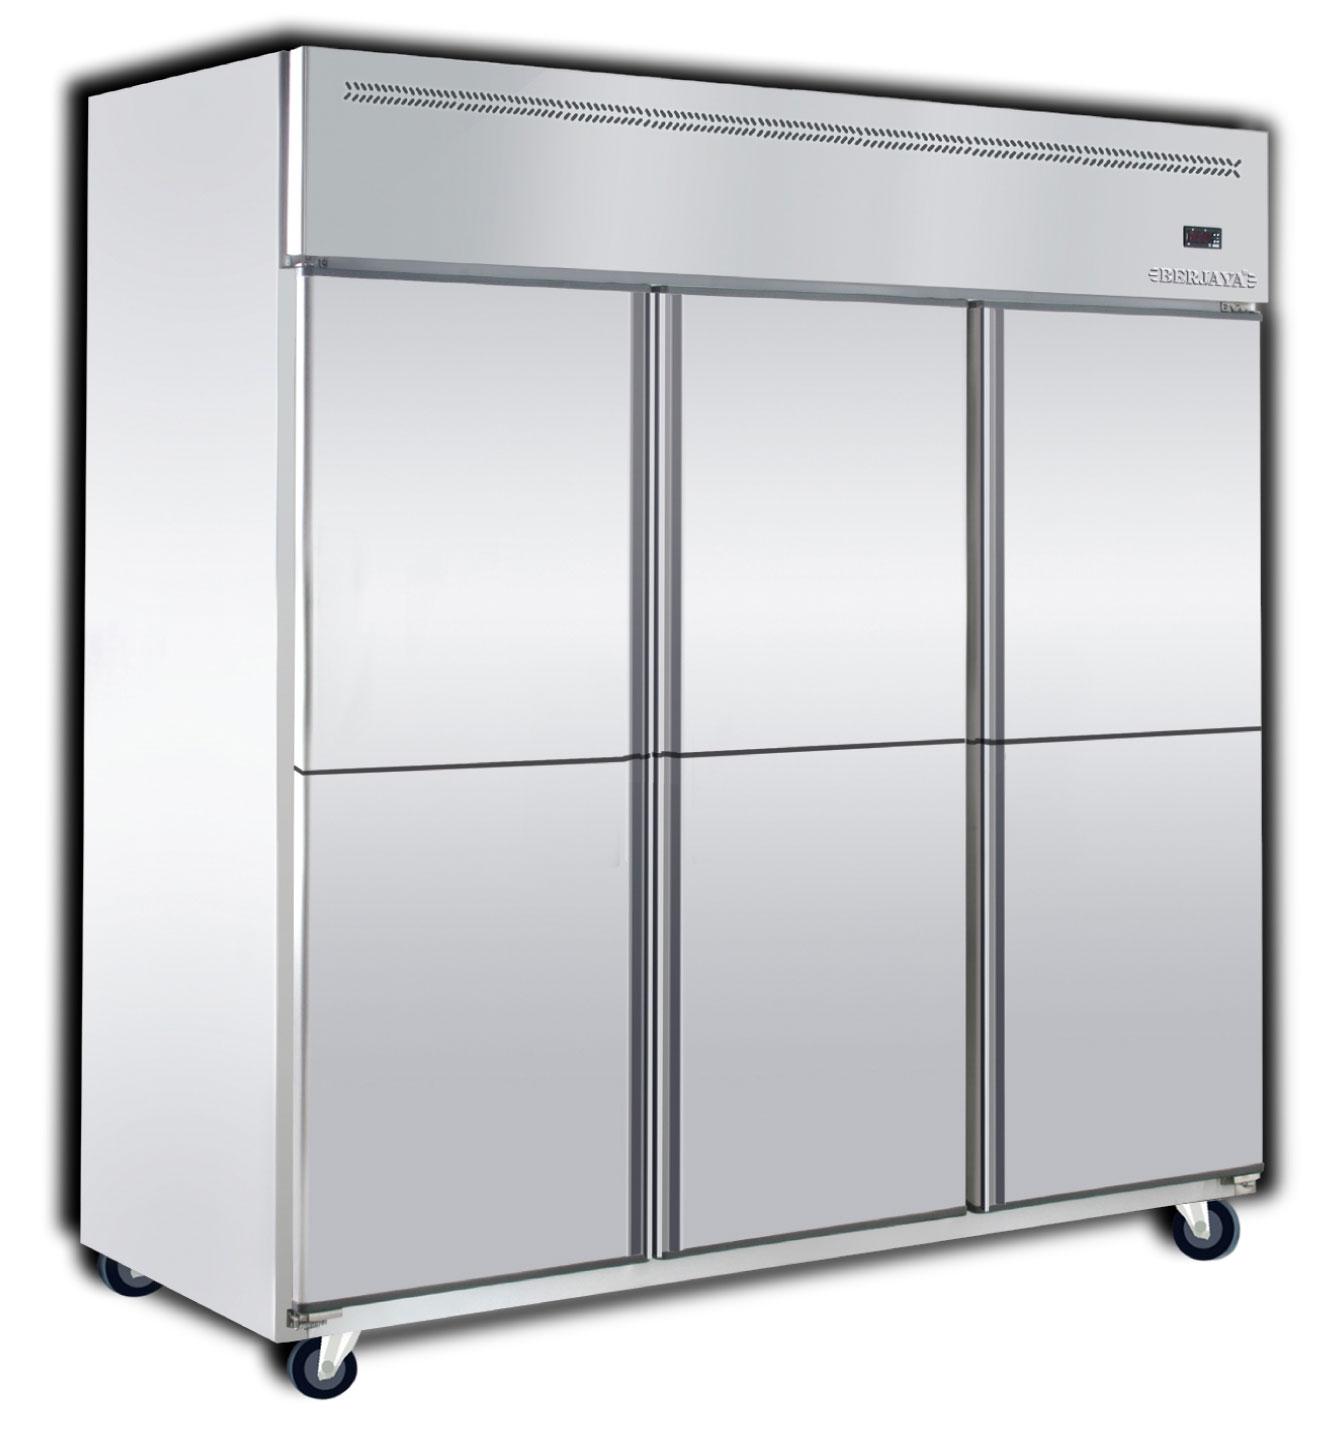 6duf 6 door upright freezer - Upright Freezers